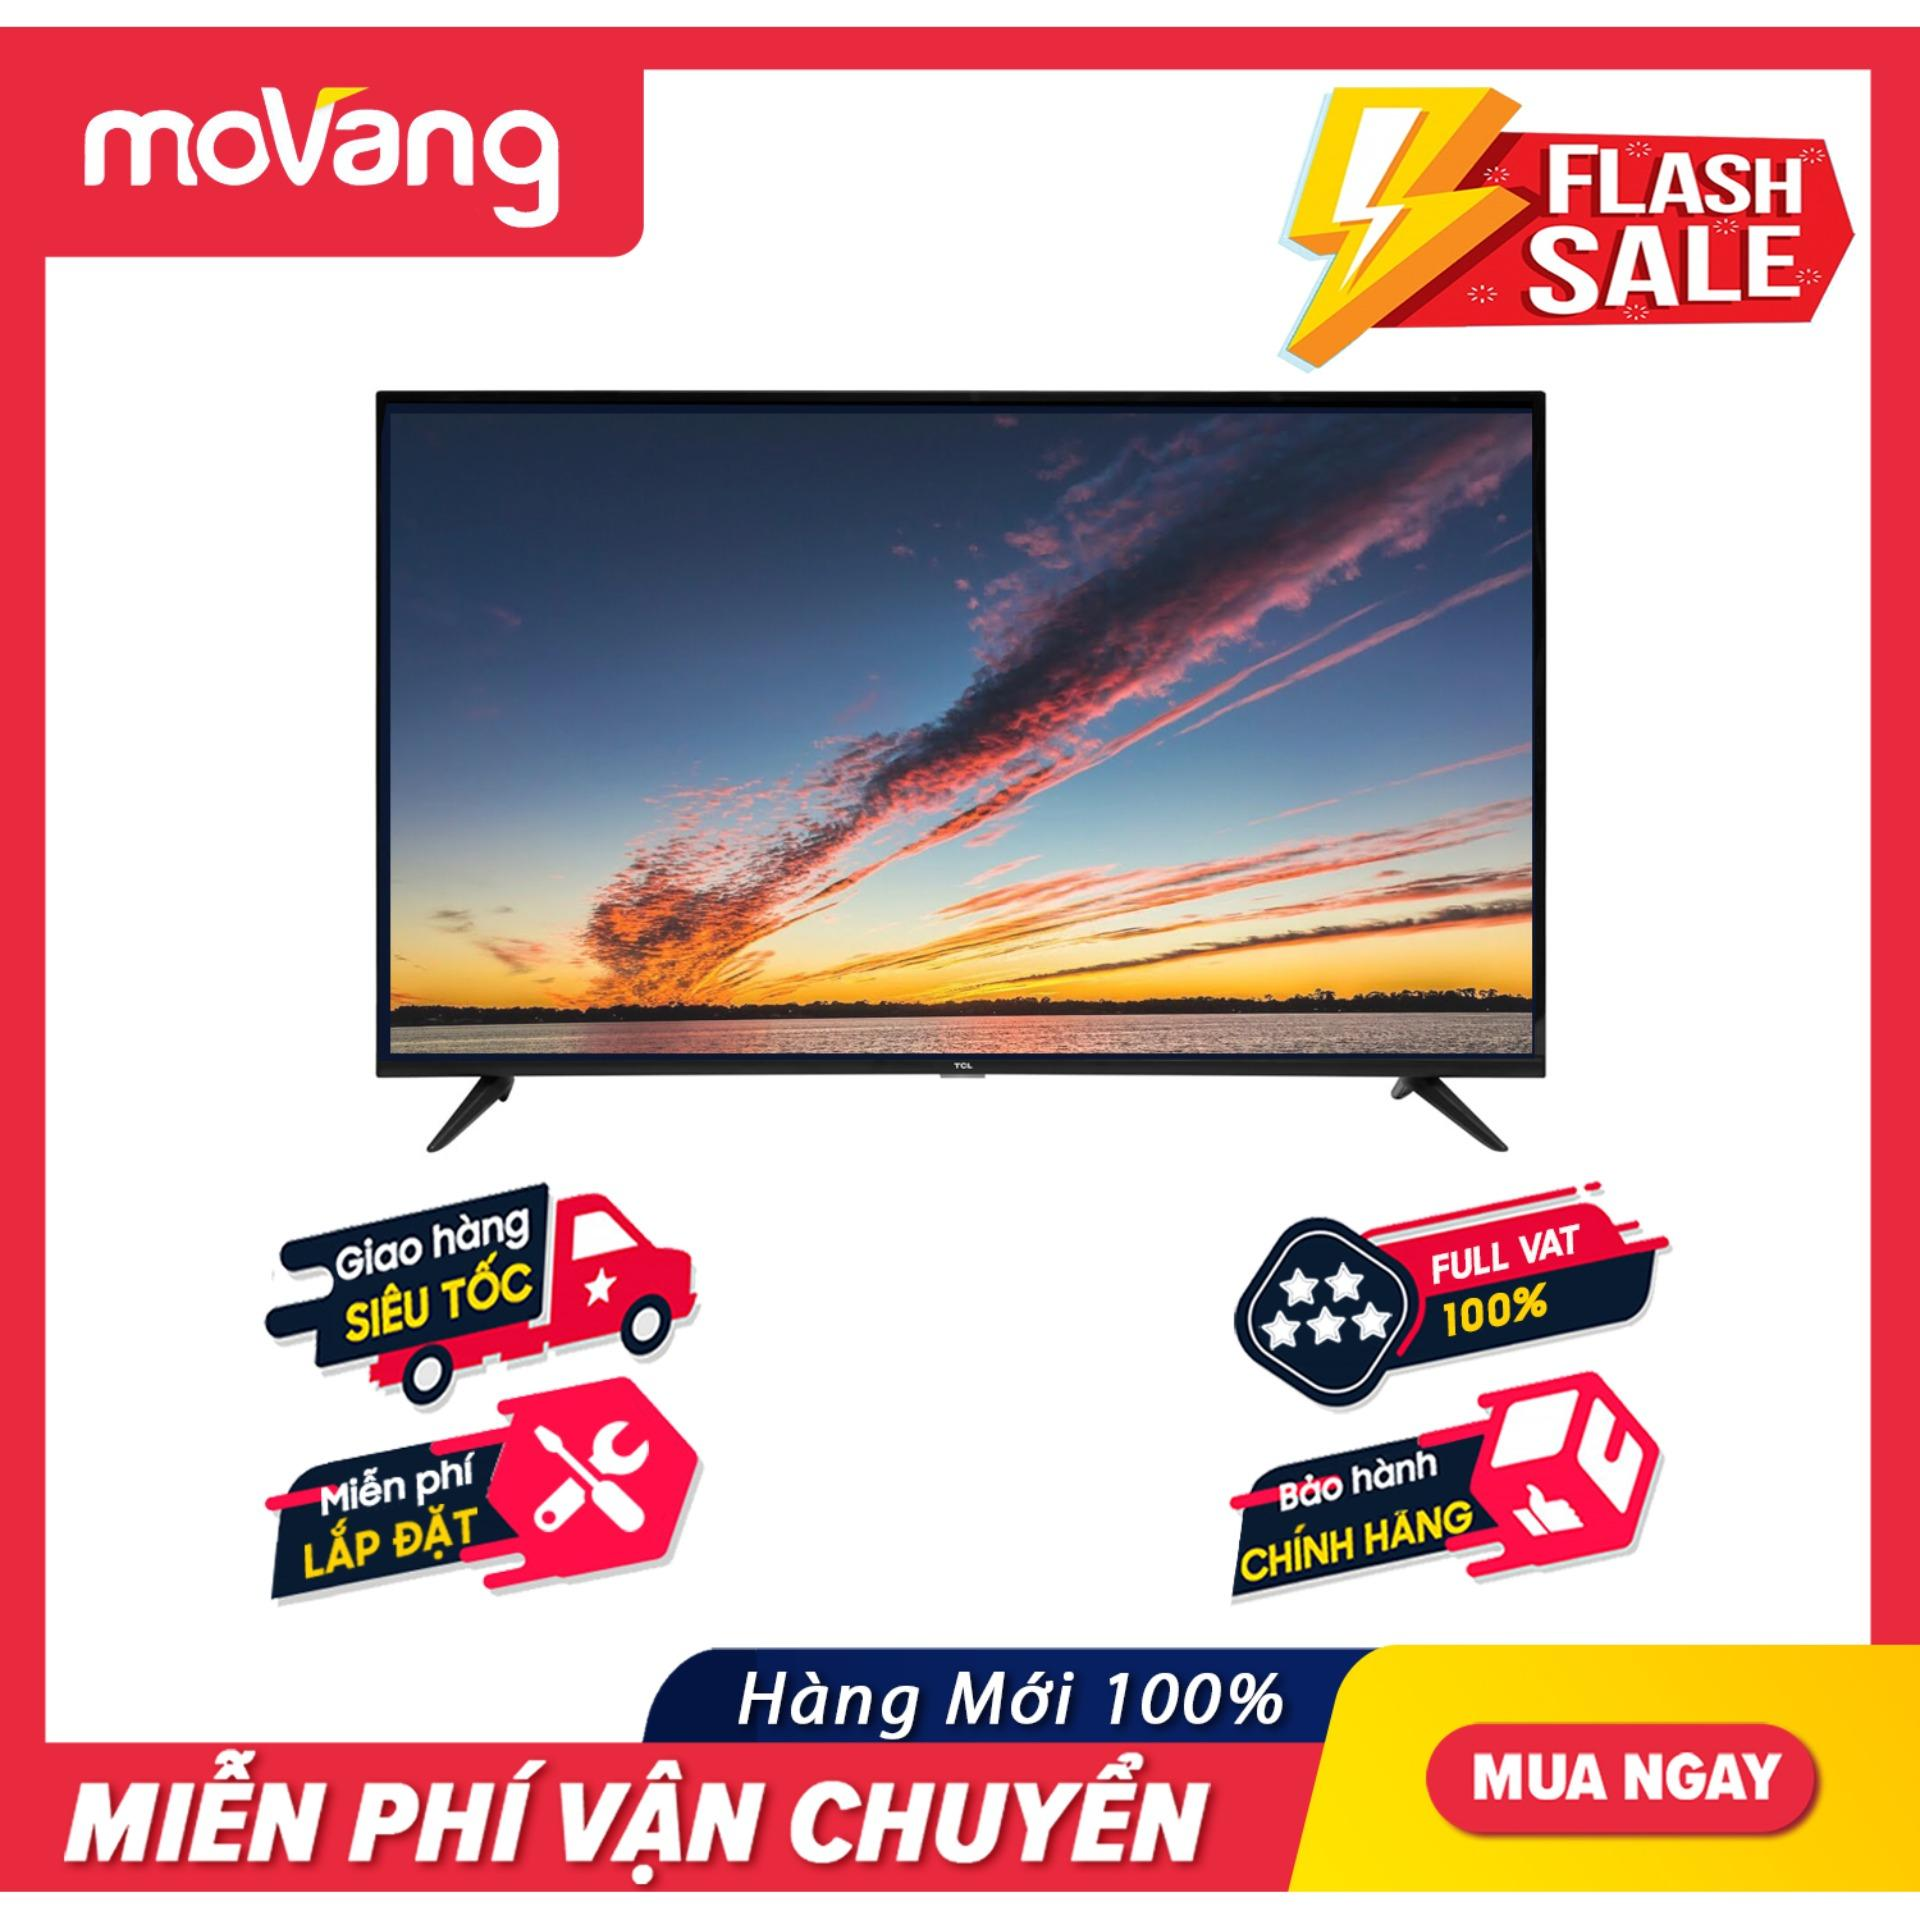 Bảng giá Smart Tivi TCL 4K 50 inch L50P65-UF (2018) - Hệ điều hành: TV+ OS, Công nghệ hình ảnh: Micro Dimming, Tần số quét thực: 60 Hz